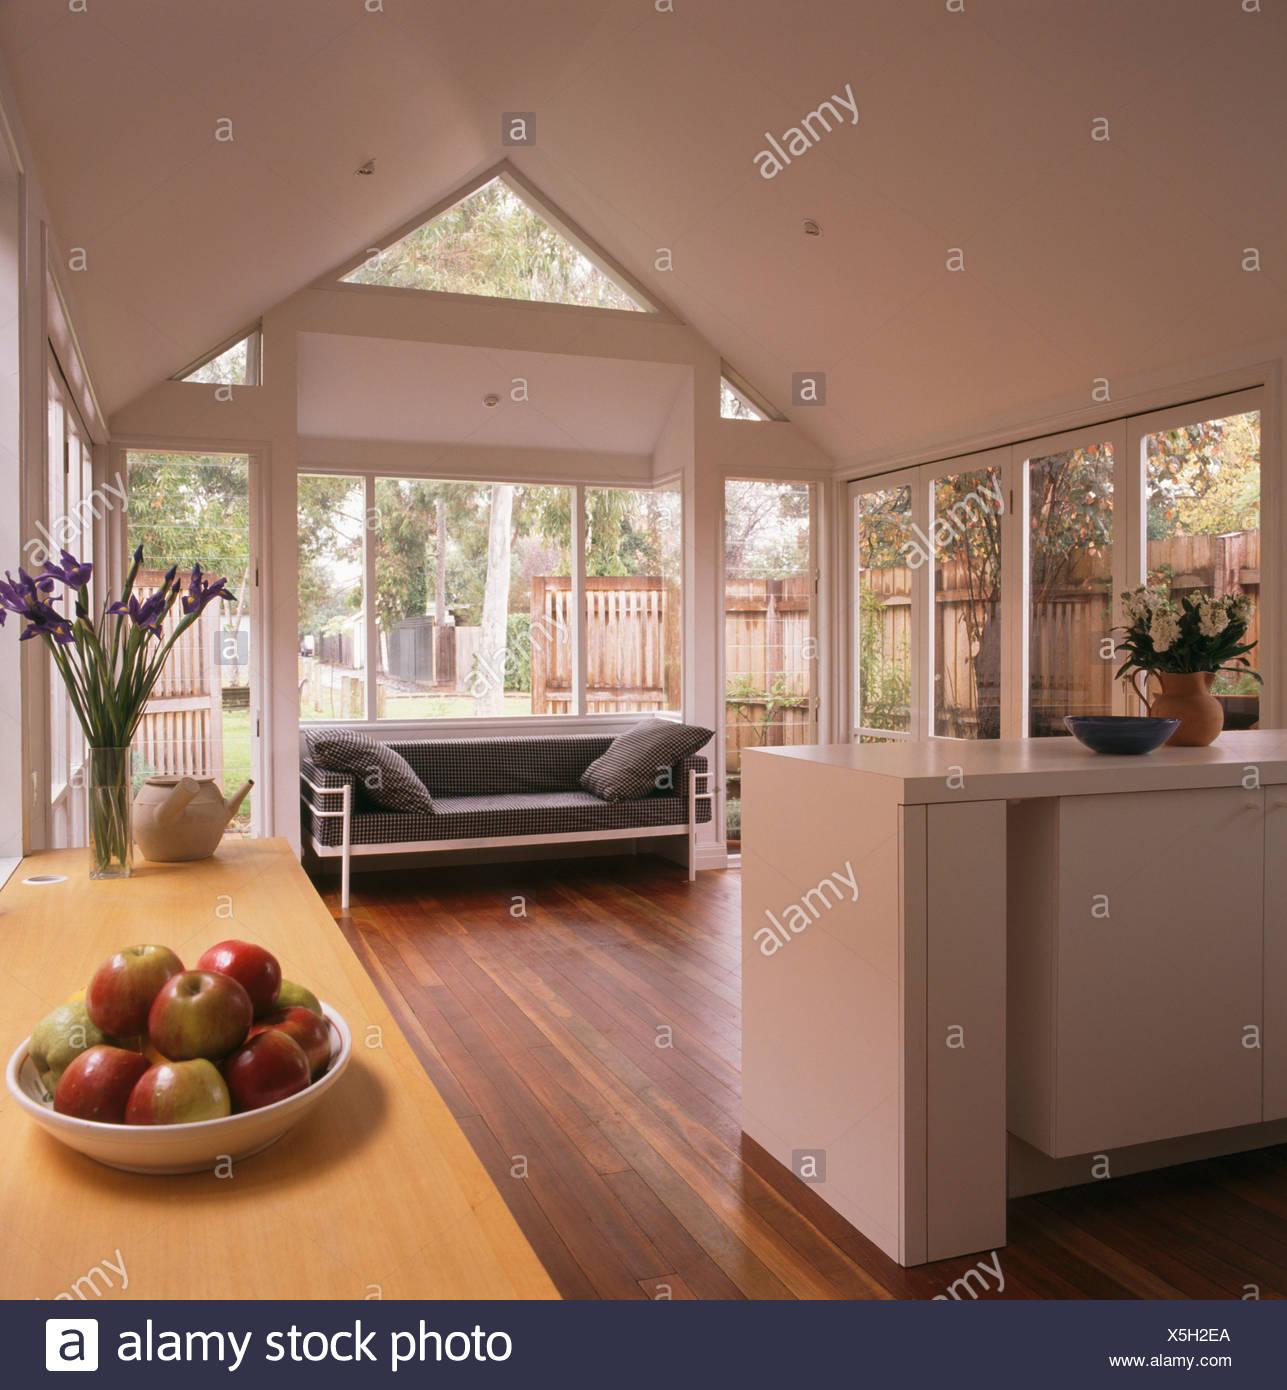 Cool Offene Küche Wohnzimmer Bilder Galerie Von Moderne Weiße Küche Und Erweiterung Mit Schwarz